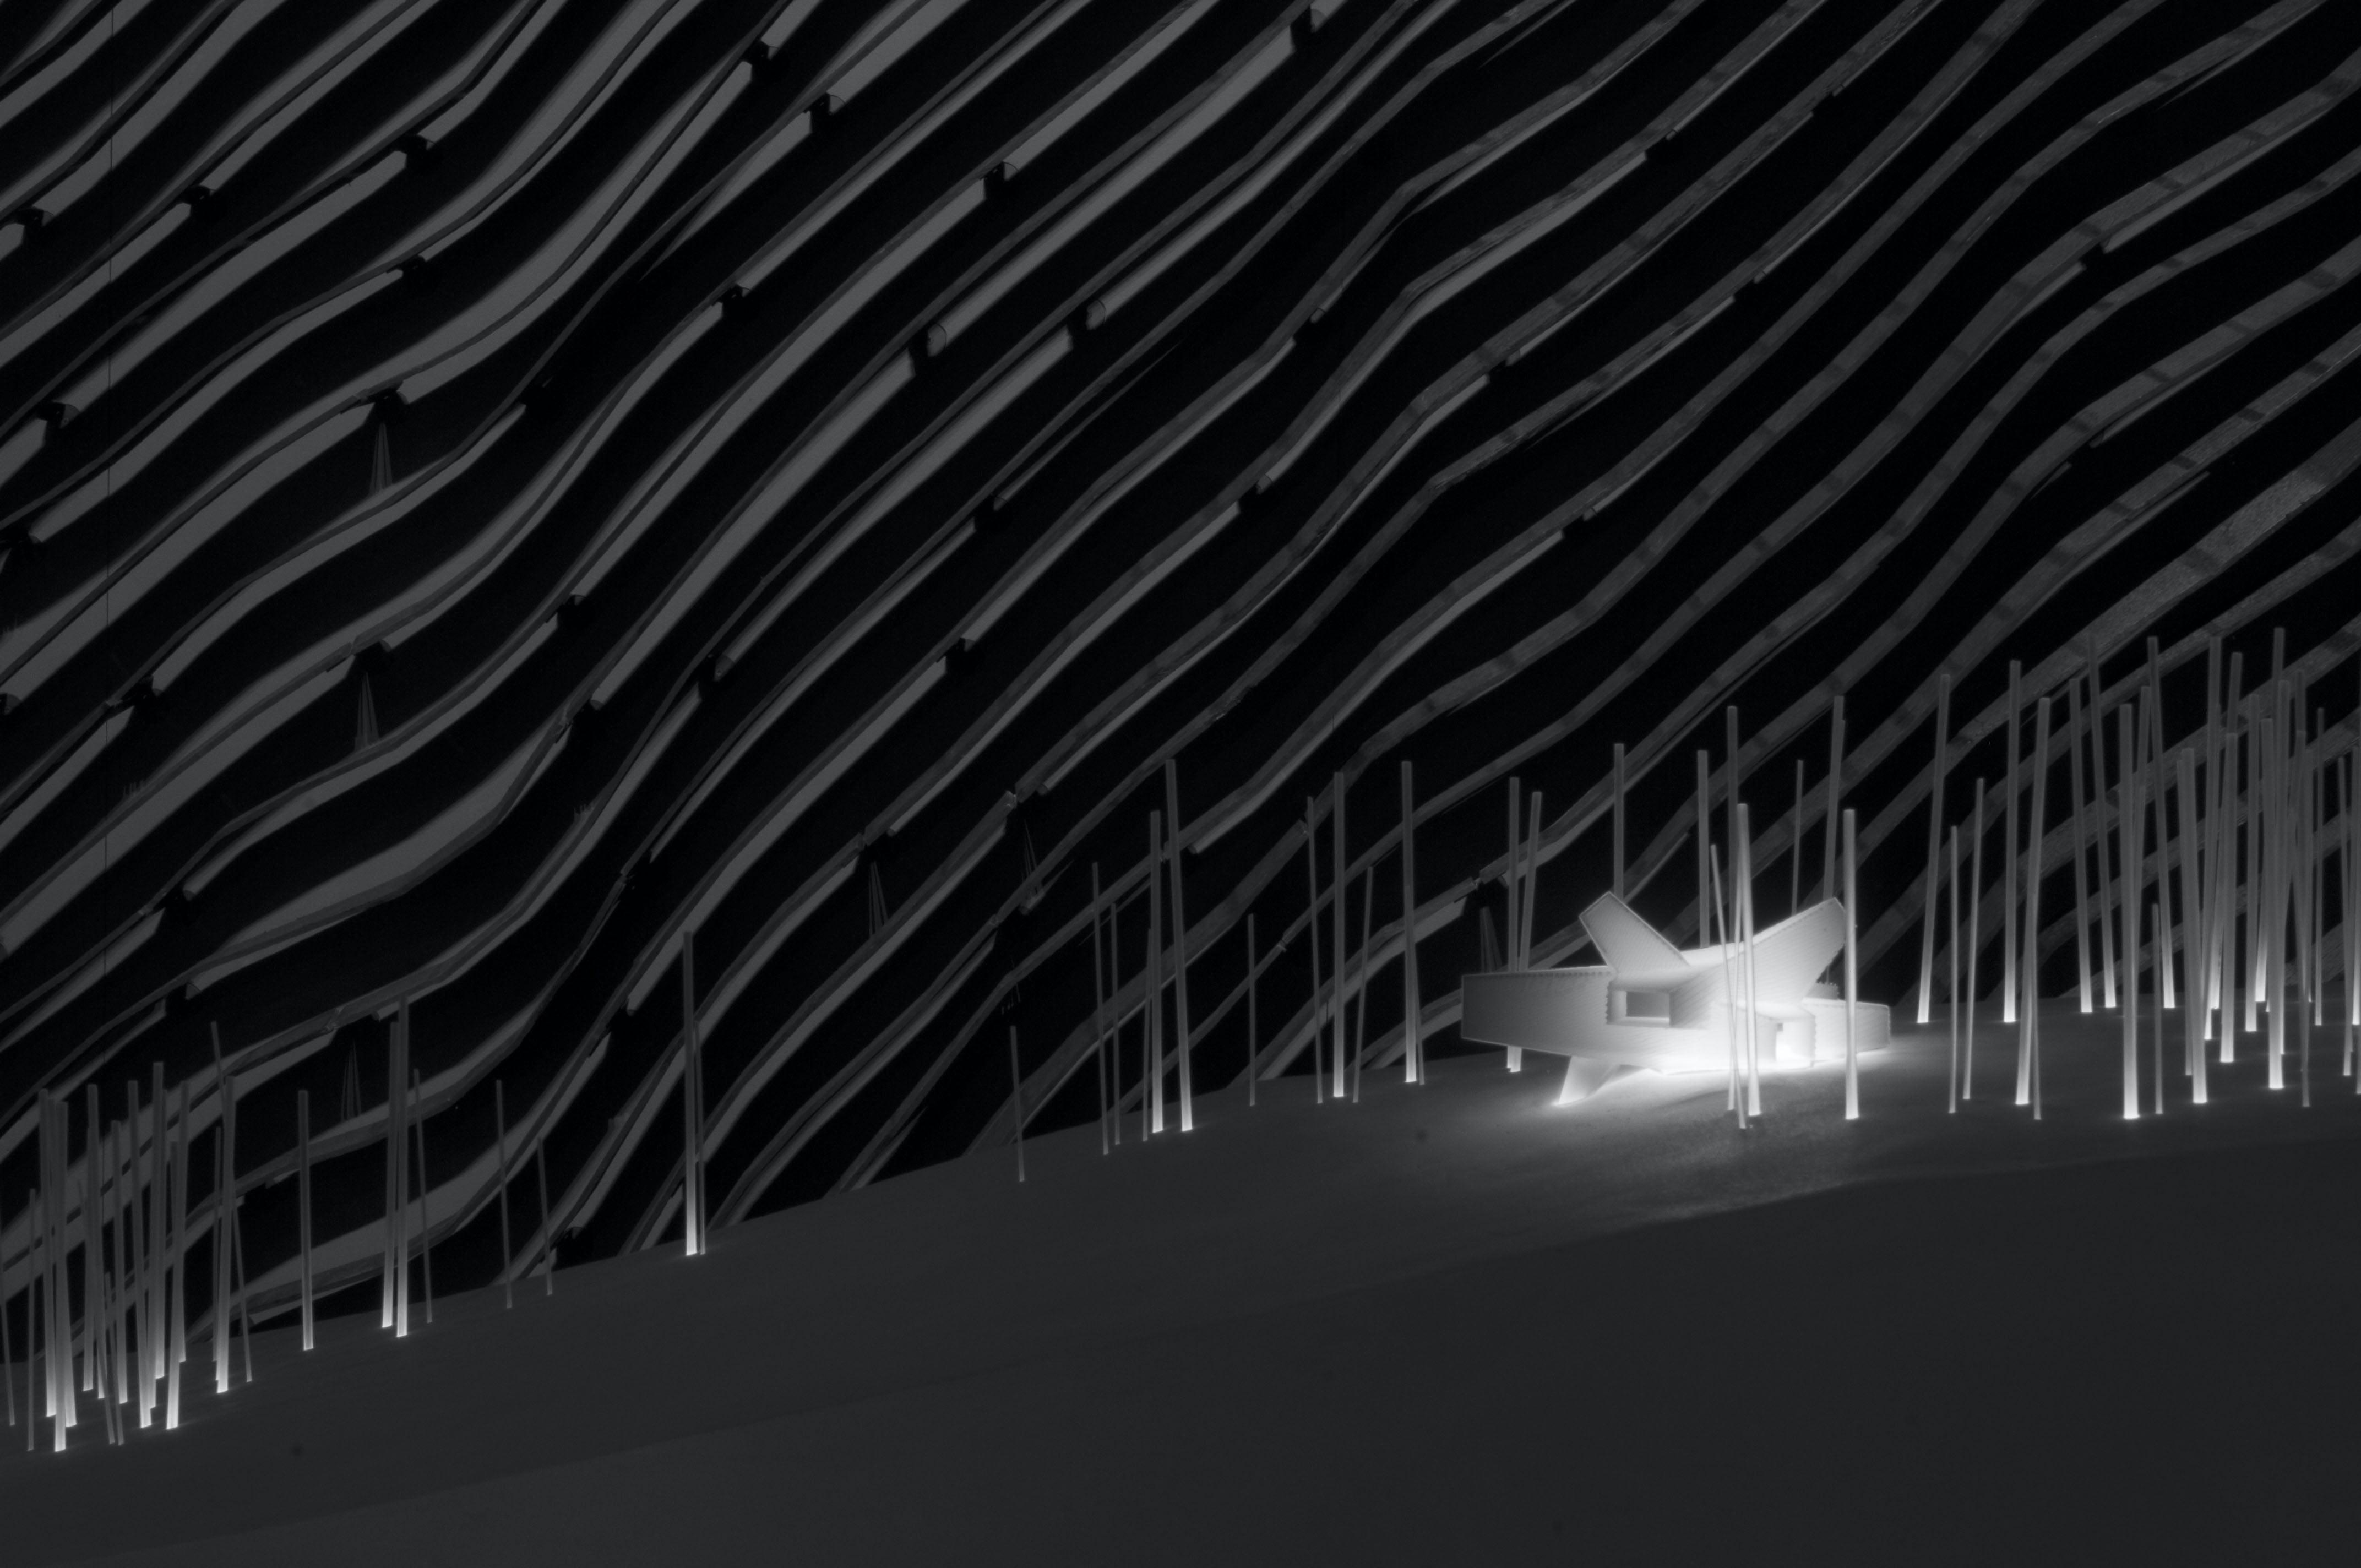 Rvtr latitudo borealis 01